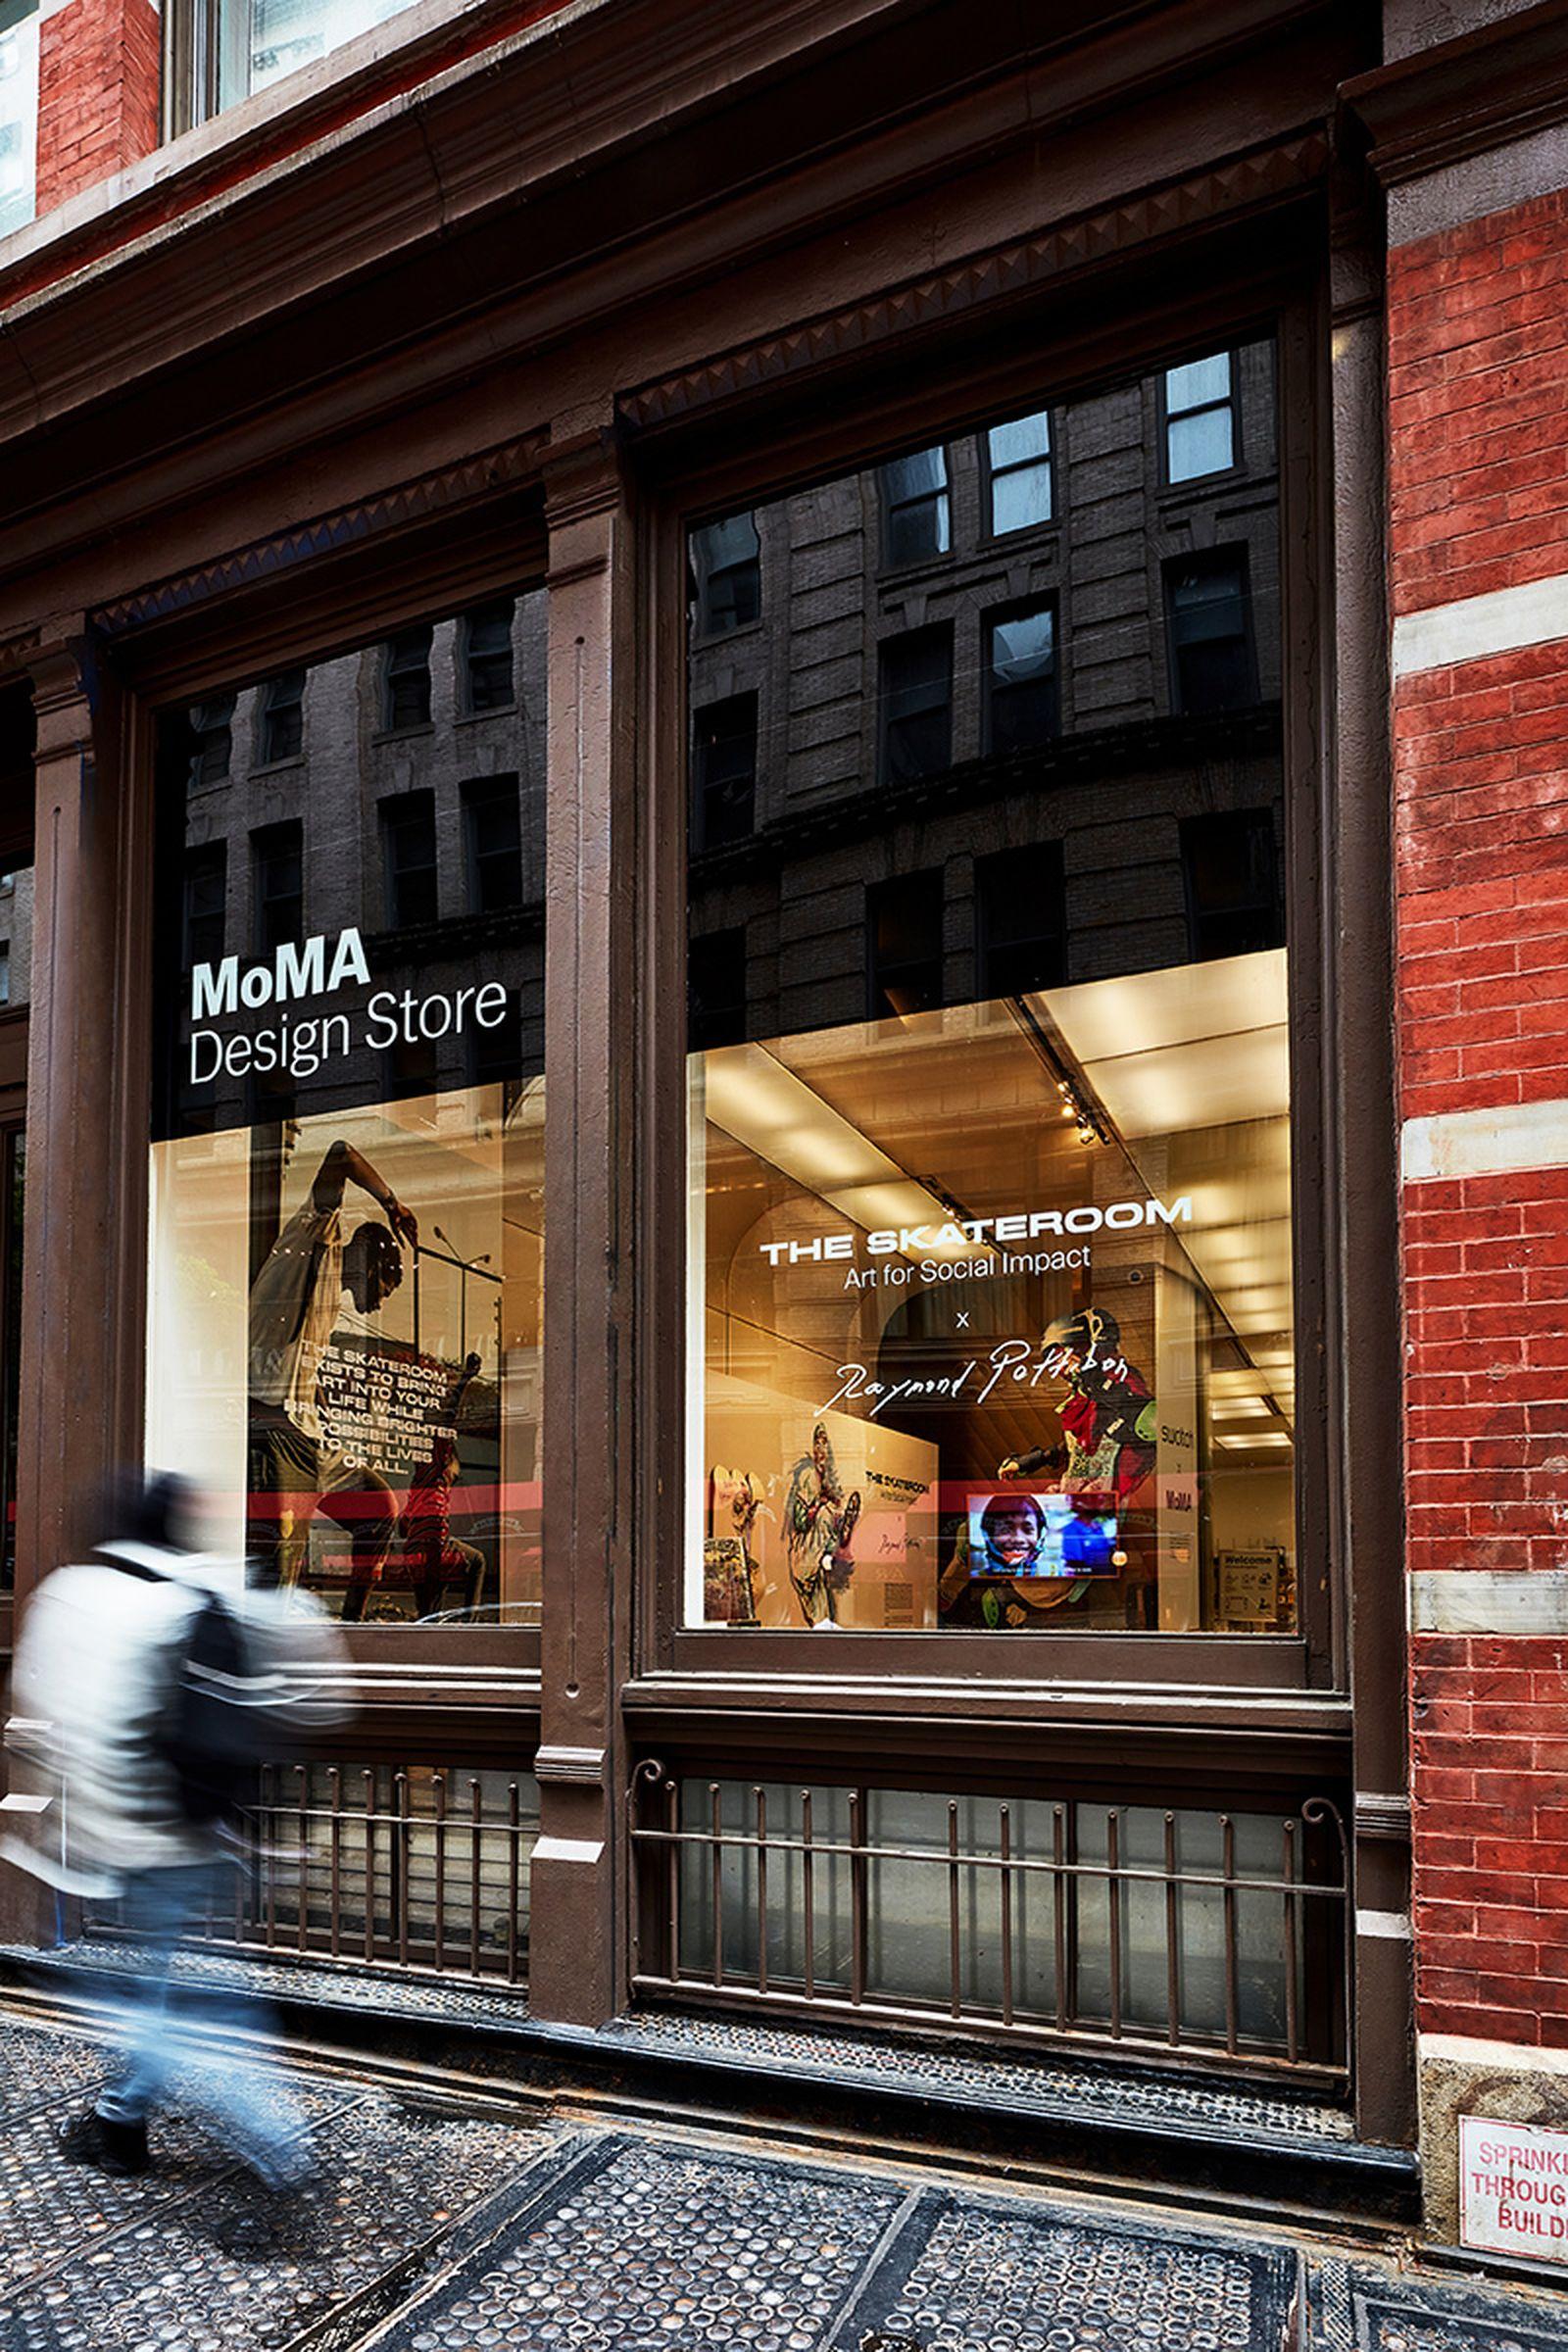 skateroom-pop-up-moma-design-store-04